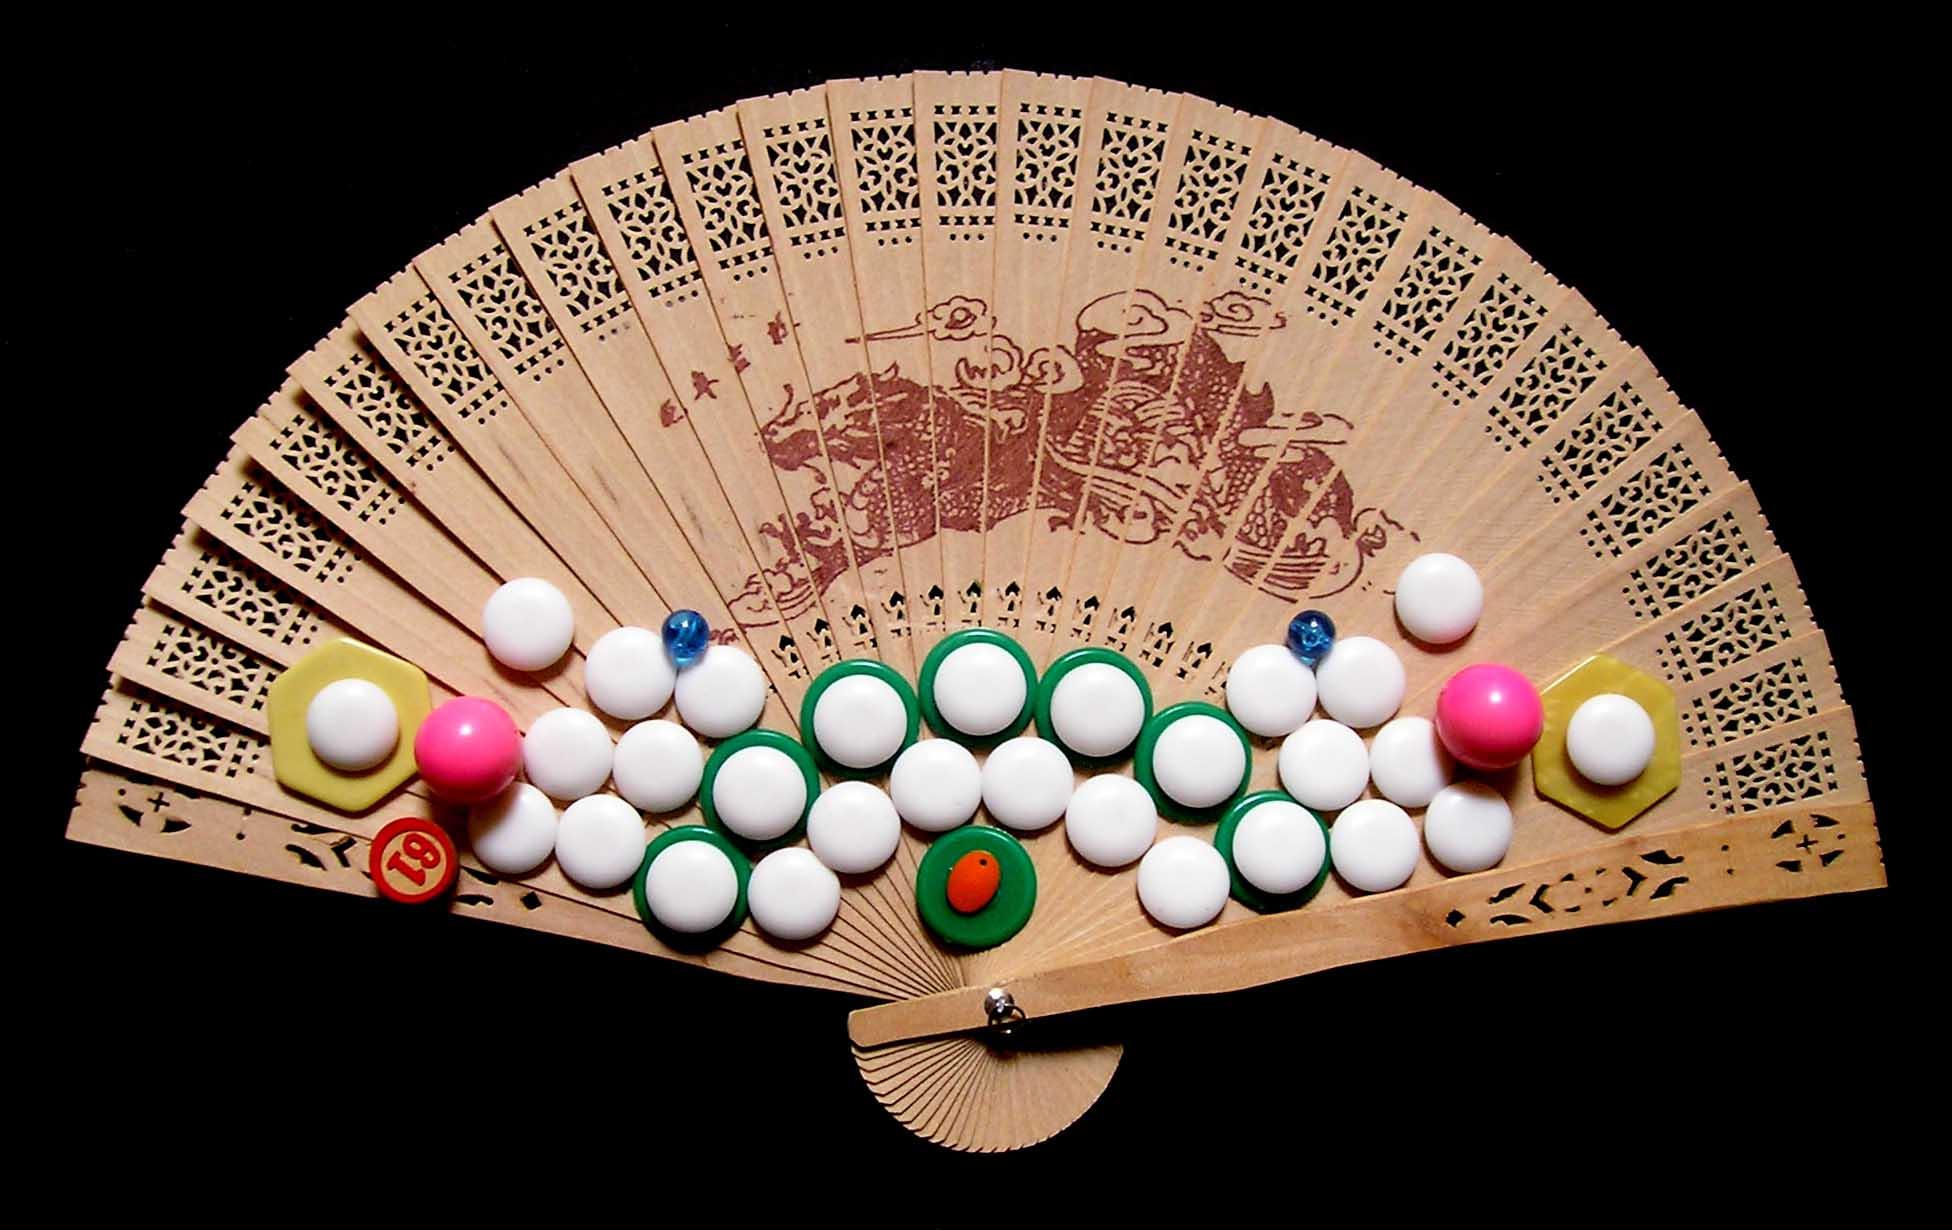 Aires de Cambio XI, serie, objetos, ensamblados, 2003